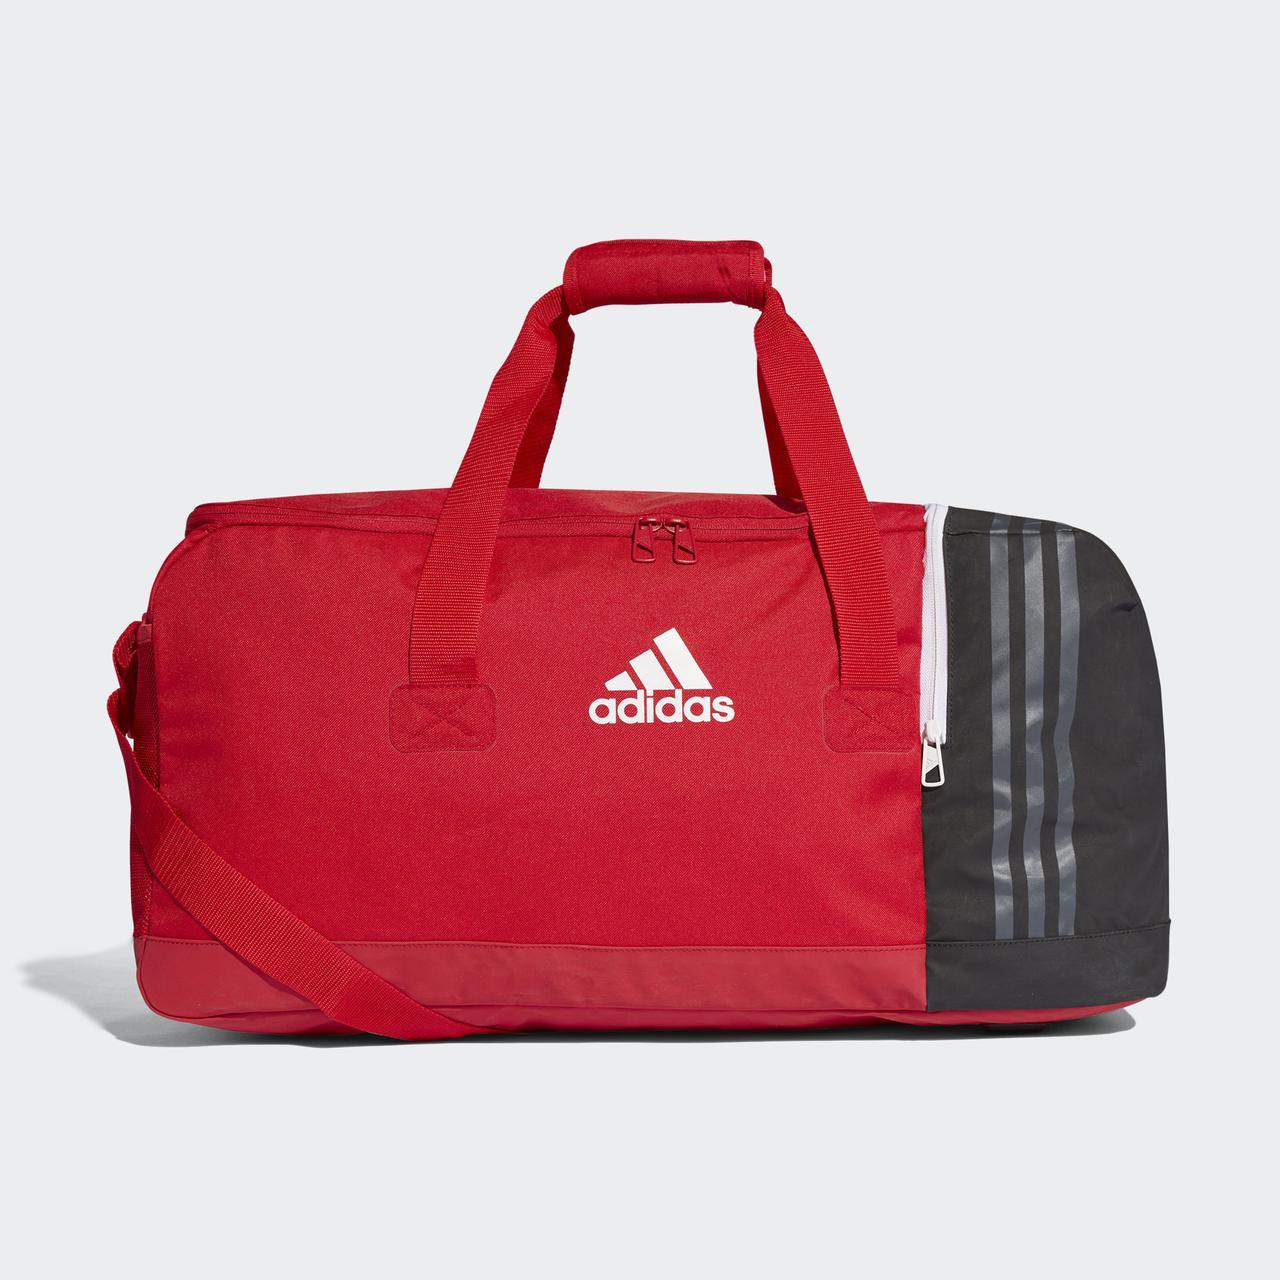 1f63f876 Спортивная сумка Adidas Tiro Teambag M BS4739 (original) 47 л, средняя,  мужская